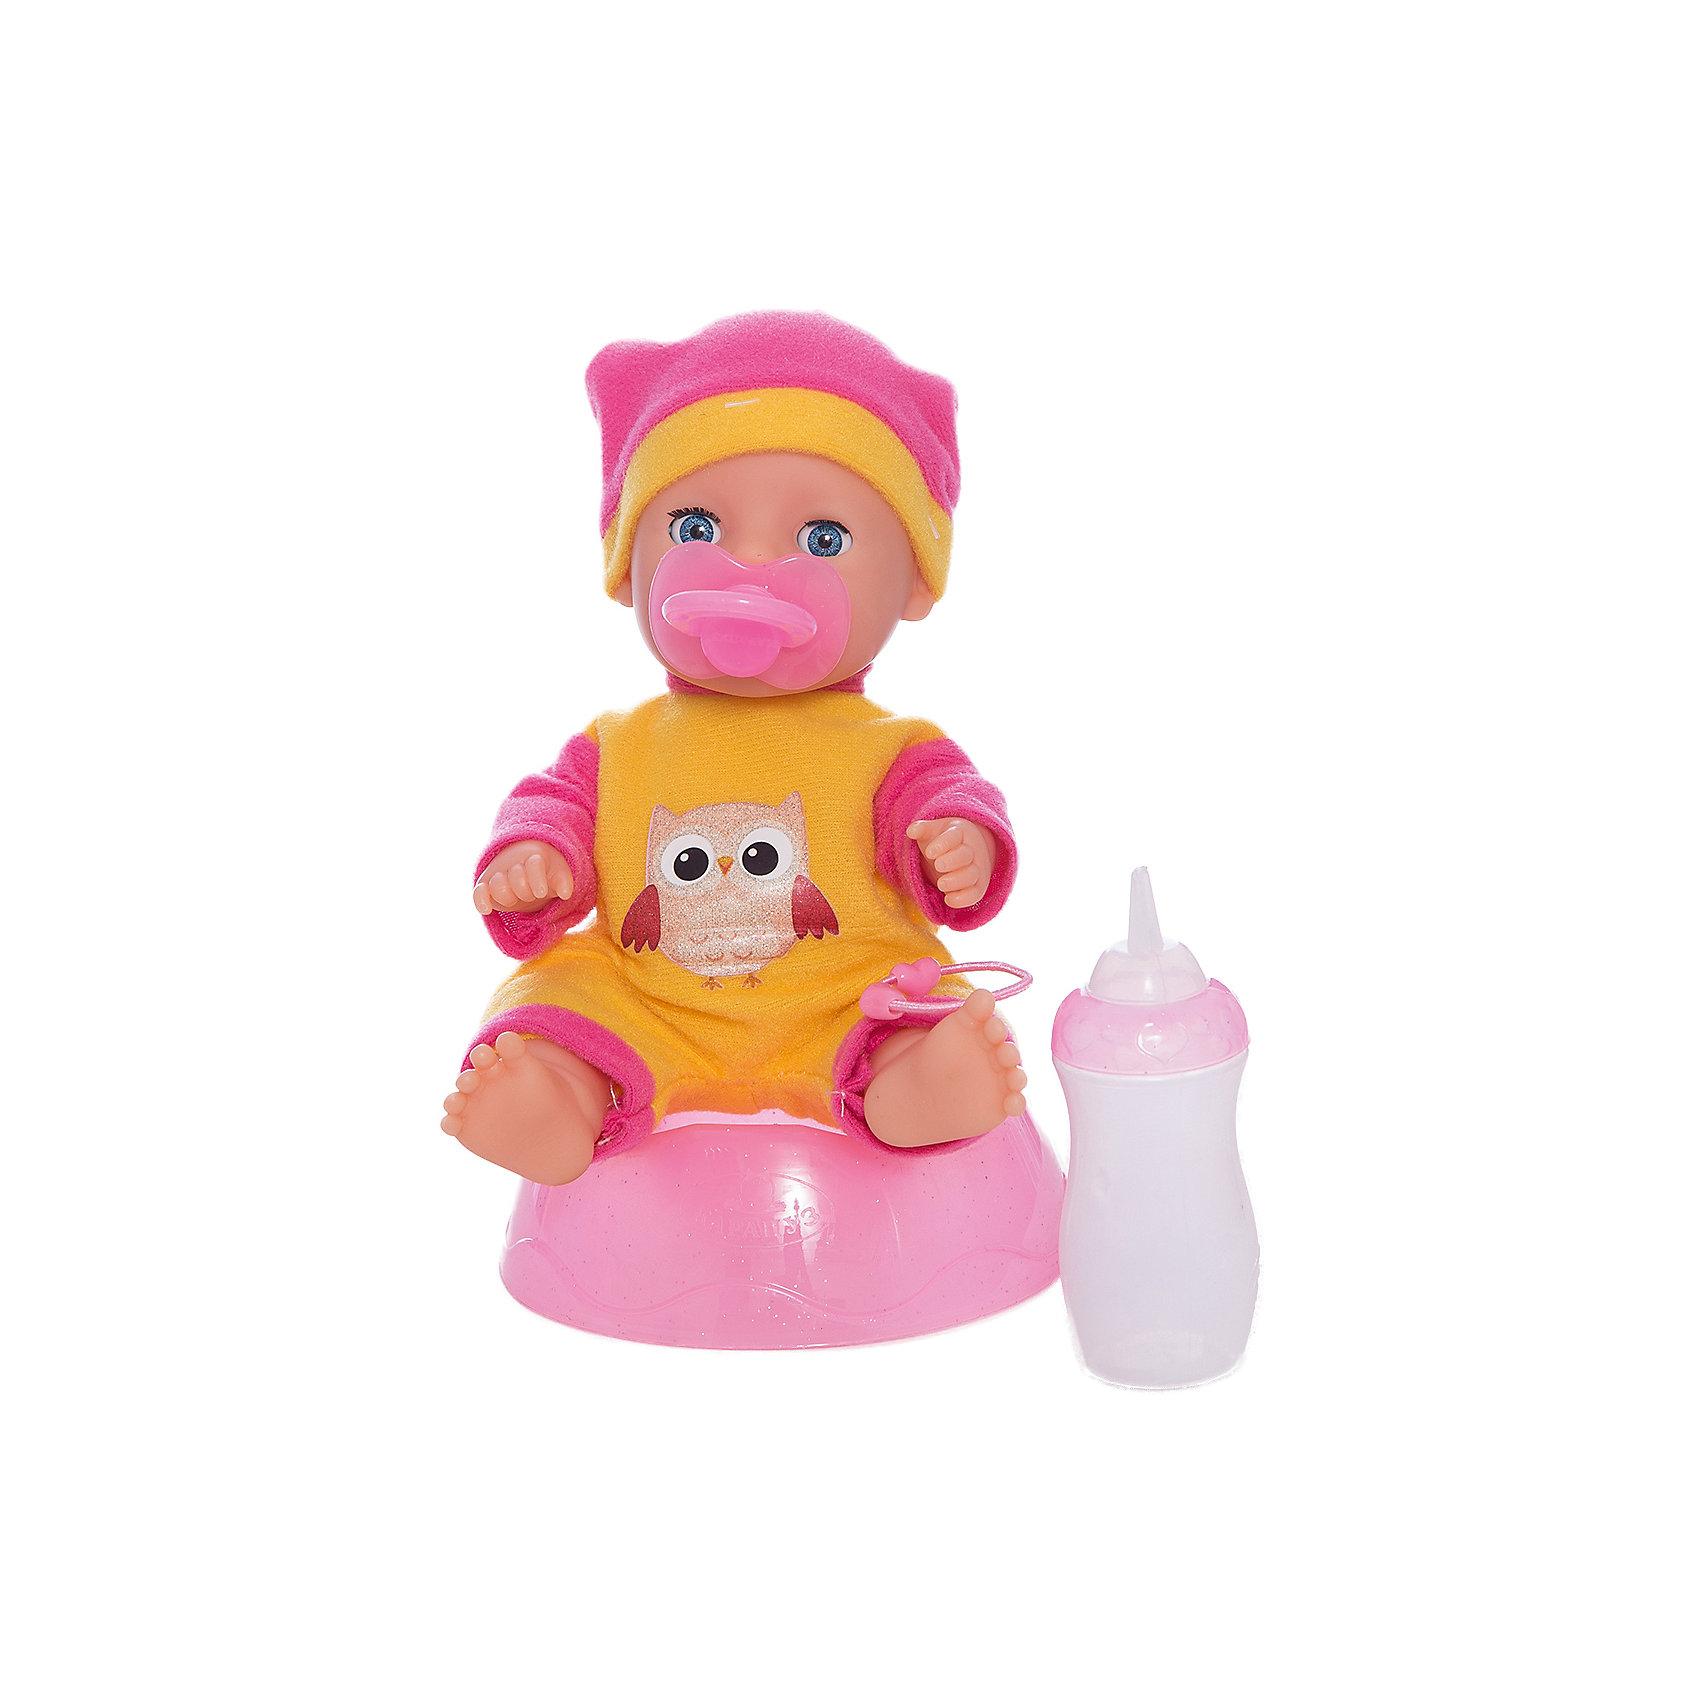 Пупс 20 см, 3 функции, с аксессуарами, КарапузИнтерактивные куклы<br>Игрушка выполнена в виде реалистичного малыша с выразительными голубыми глазками, пухлыми губками и вздернутым носиком. Игрушка умеет реалистично писать в горшок, если ее сначала напоить водичкой из бутылочки, предусмотренной в комплекте. У пупса подвижные ручки и ножки, поэтому ему можно придавать самые разнообразные позы в процессе игры. Тело игрушки полностью выполнено из пластика, что позволяет малышкам купать любимца в ванной и брать его с собой во время купания. В комплект входят: бутылочка, горшочек и дополнительный комплект сменной одежды.<br><br>Ширина мм: 49<br>Глубина мм: 72<br>Высота мм: 45<br>Вес г: 480<br>Возраст от месяцев: 36<br>Возраст до месяцев: 60<br>Пол: Женский<br>Возраст: Детский<br>SKU: 6863981